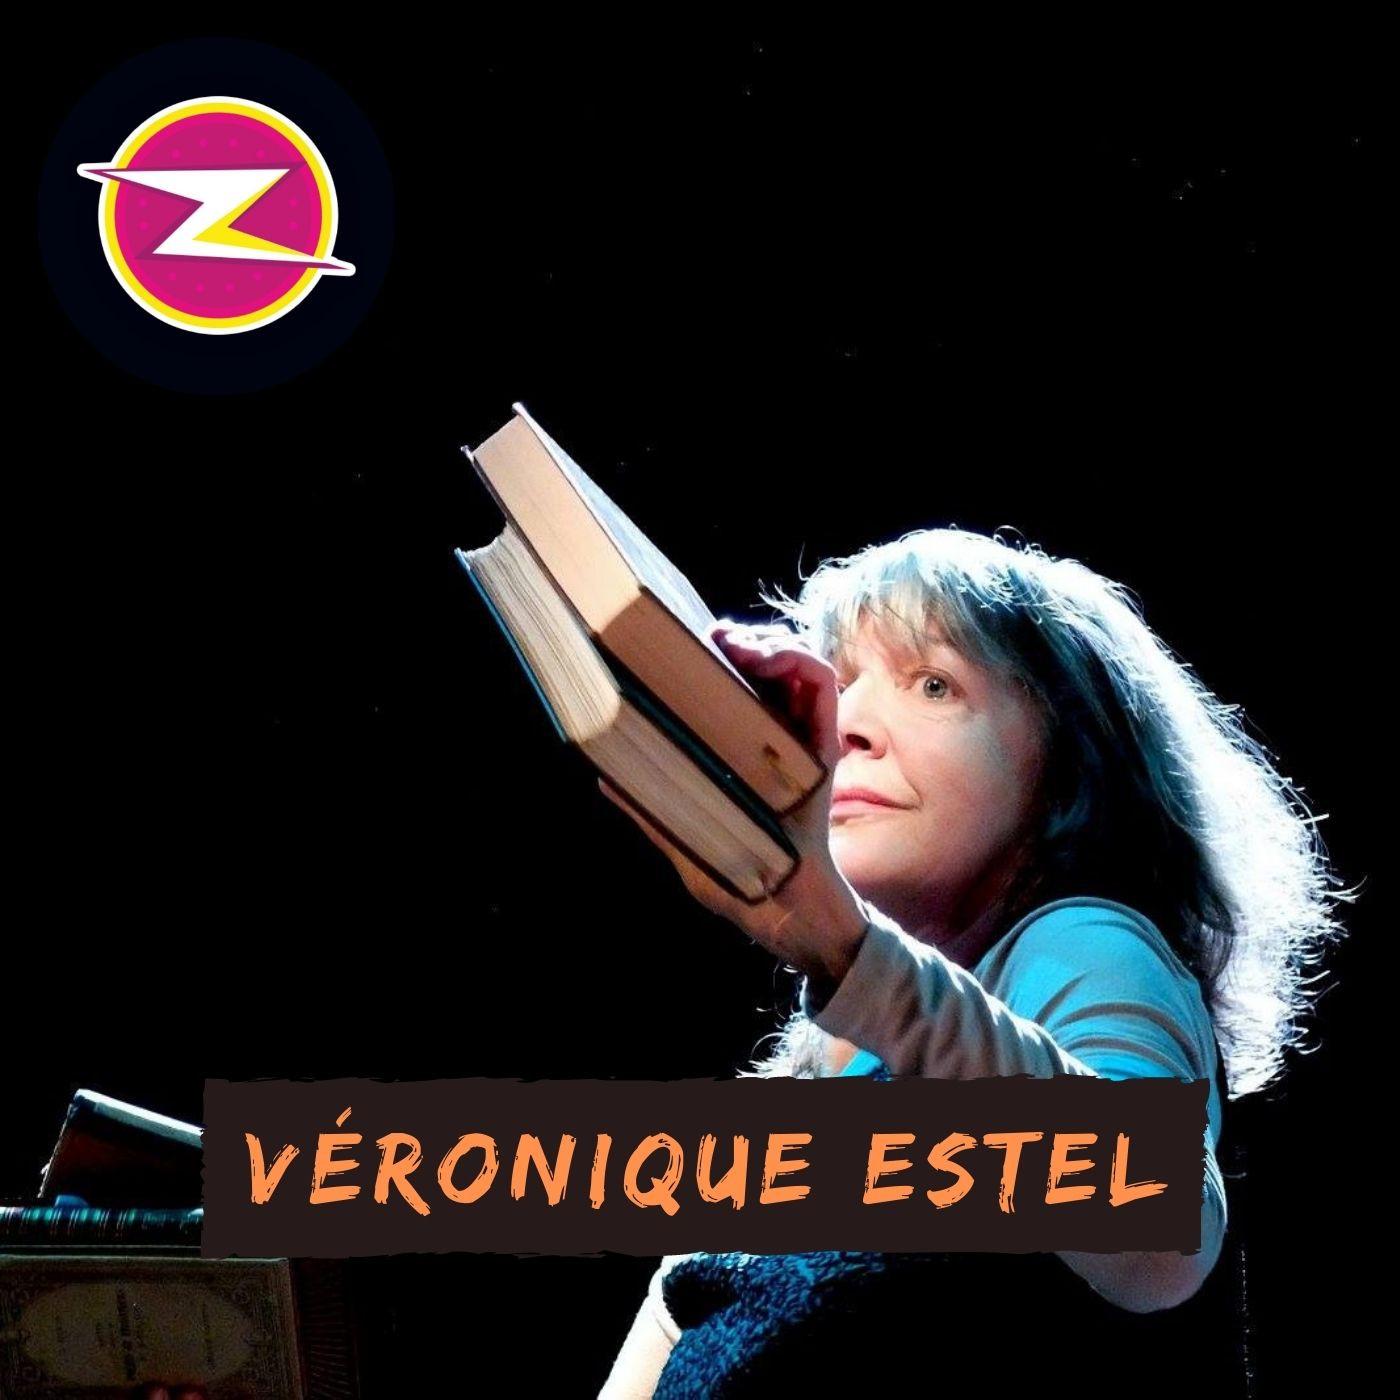 Véronique Estel, compagne des mots